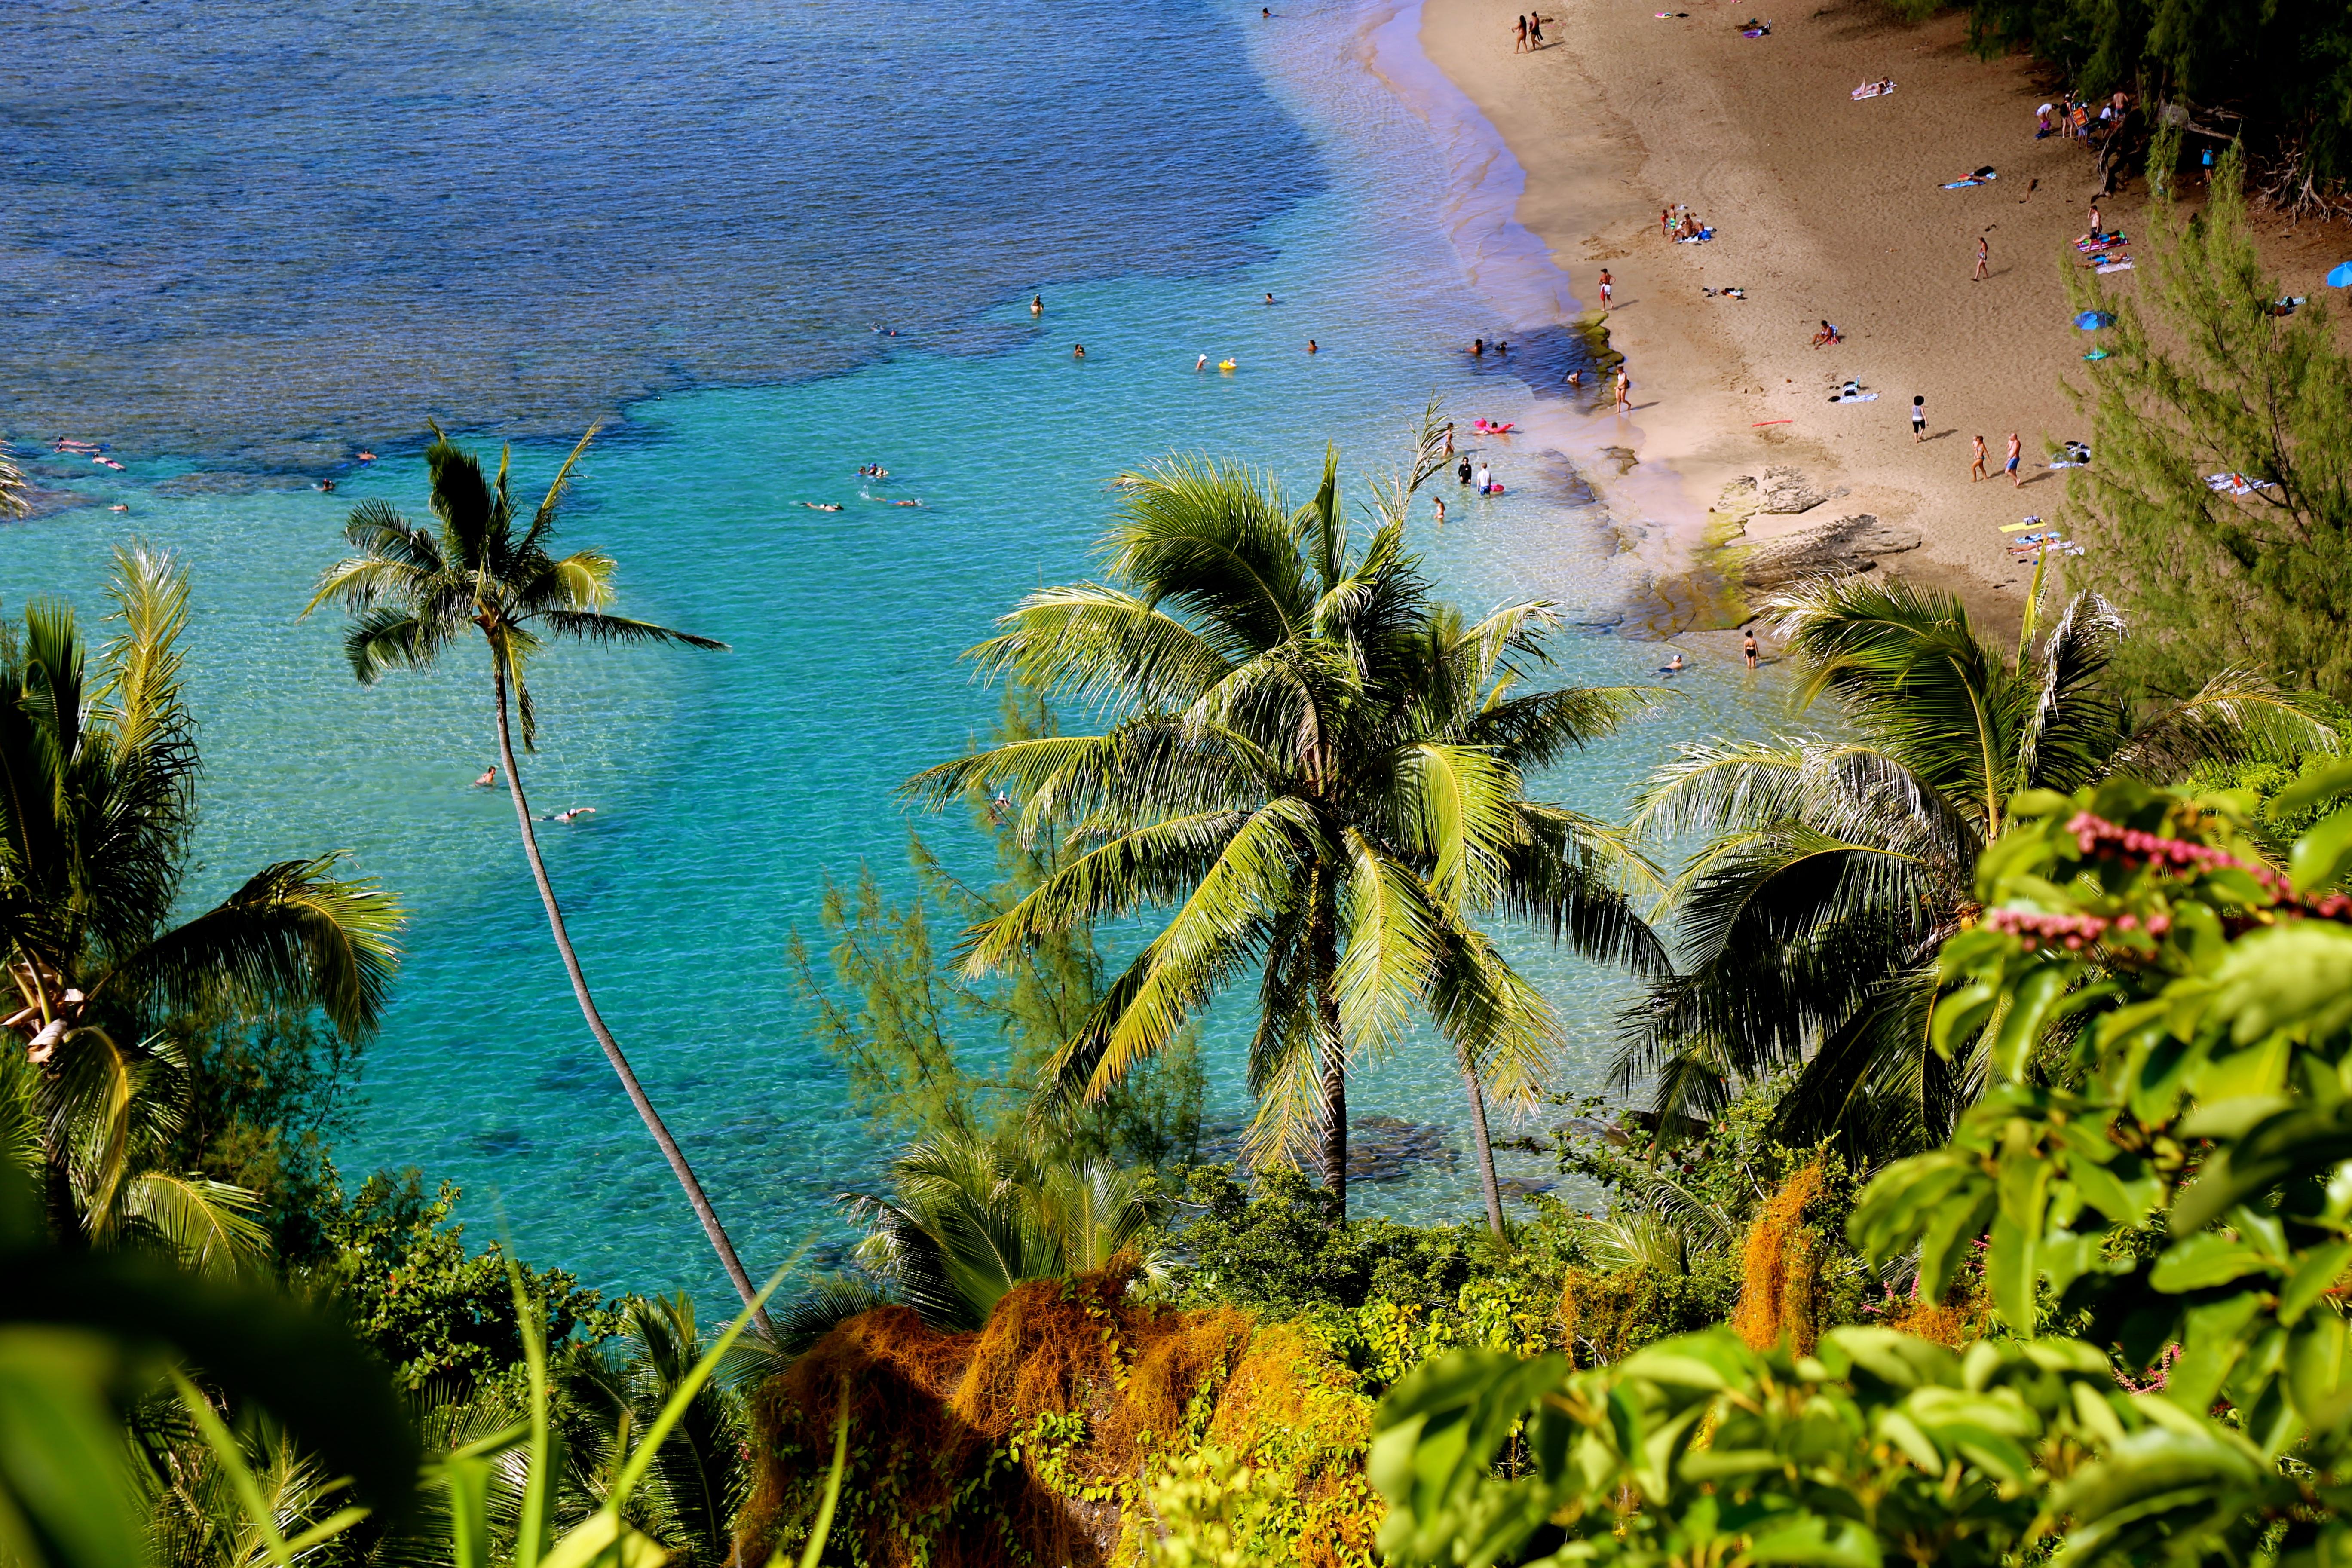 le plage de Kee Beach sur l'ile de Kauai